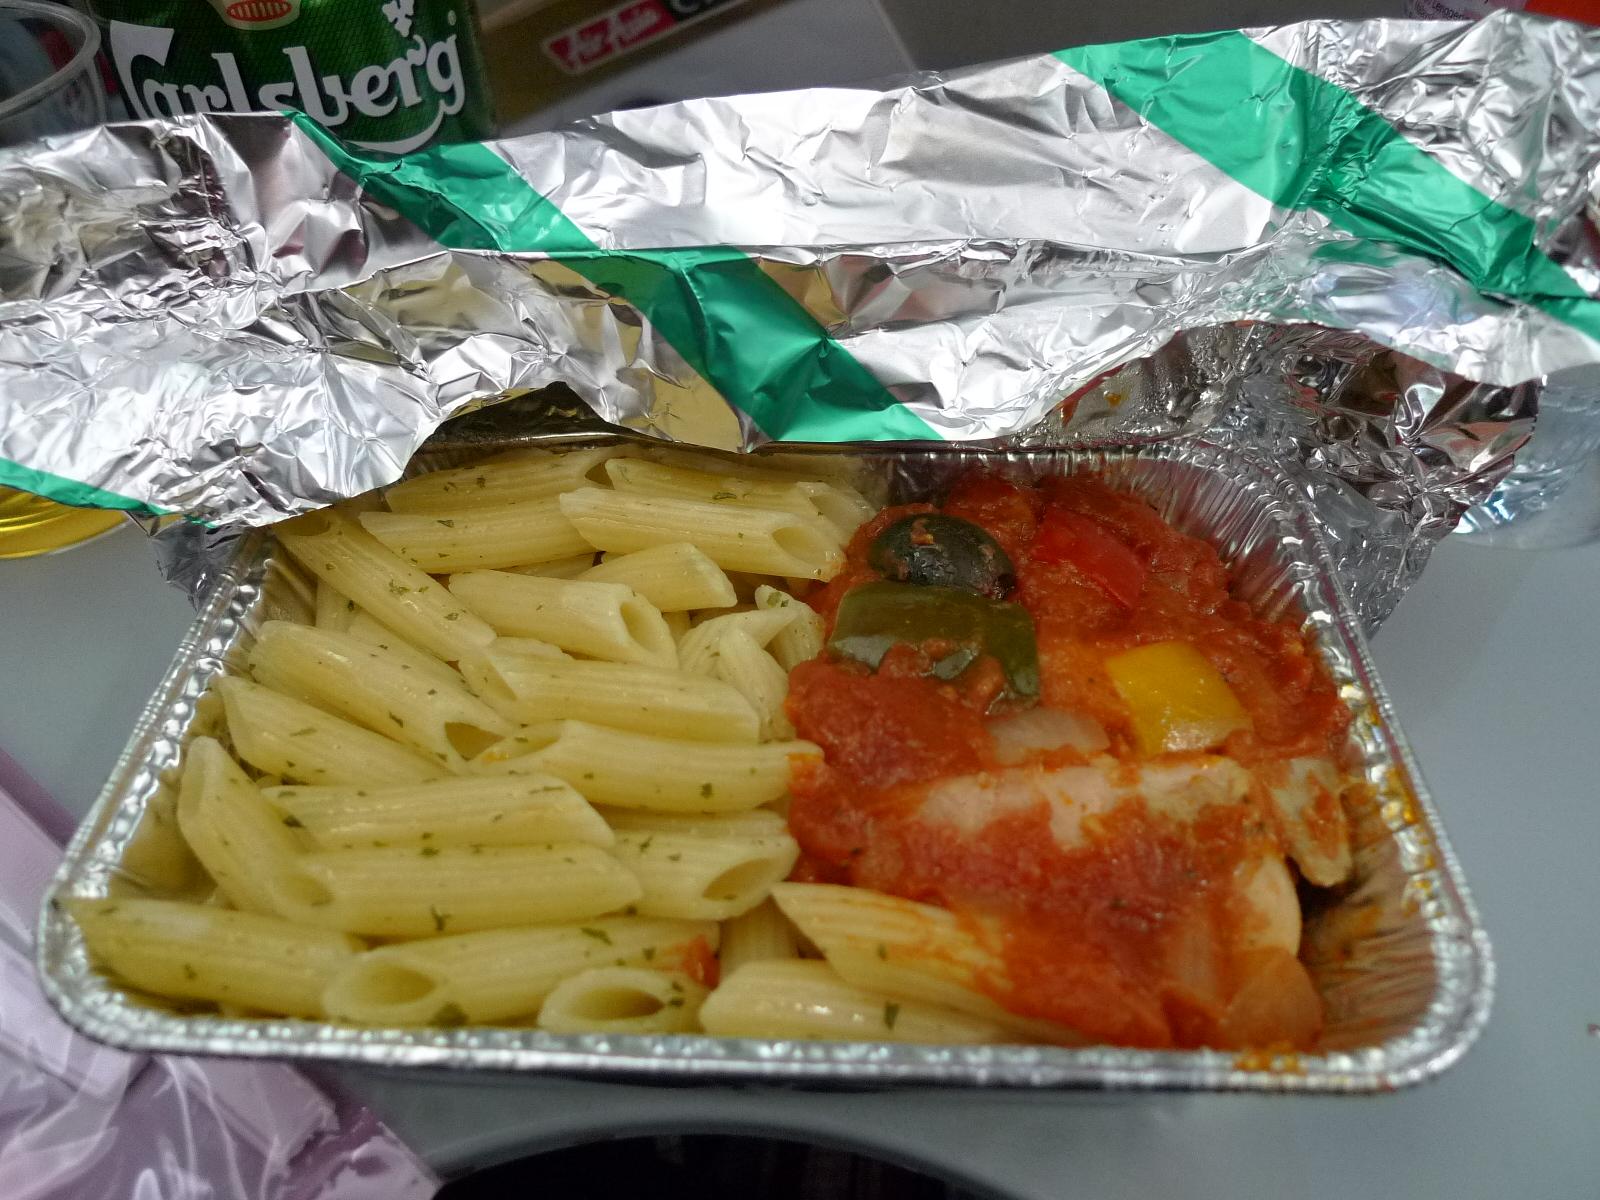 写真 多国籍料理 エアアジア(AirAsia)情報館 トップページ > 機内食を楽しむ! 多国籍